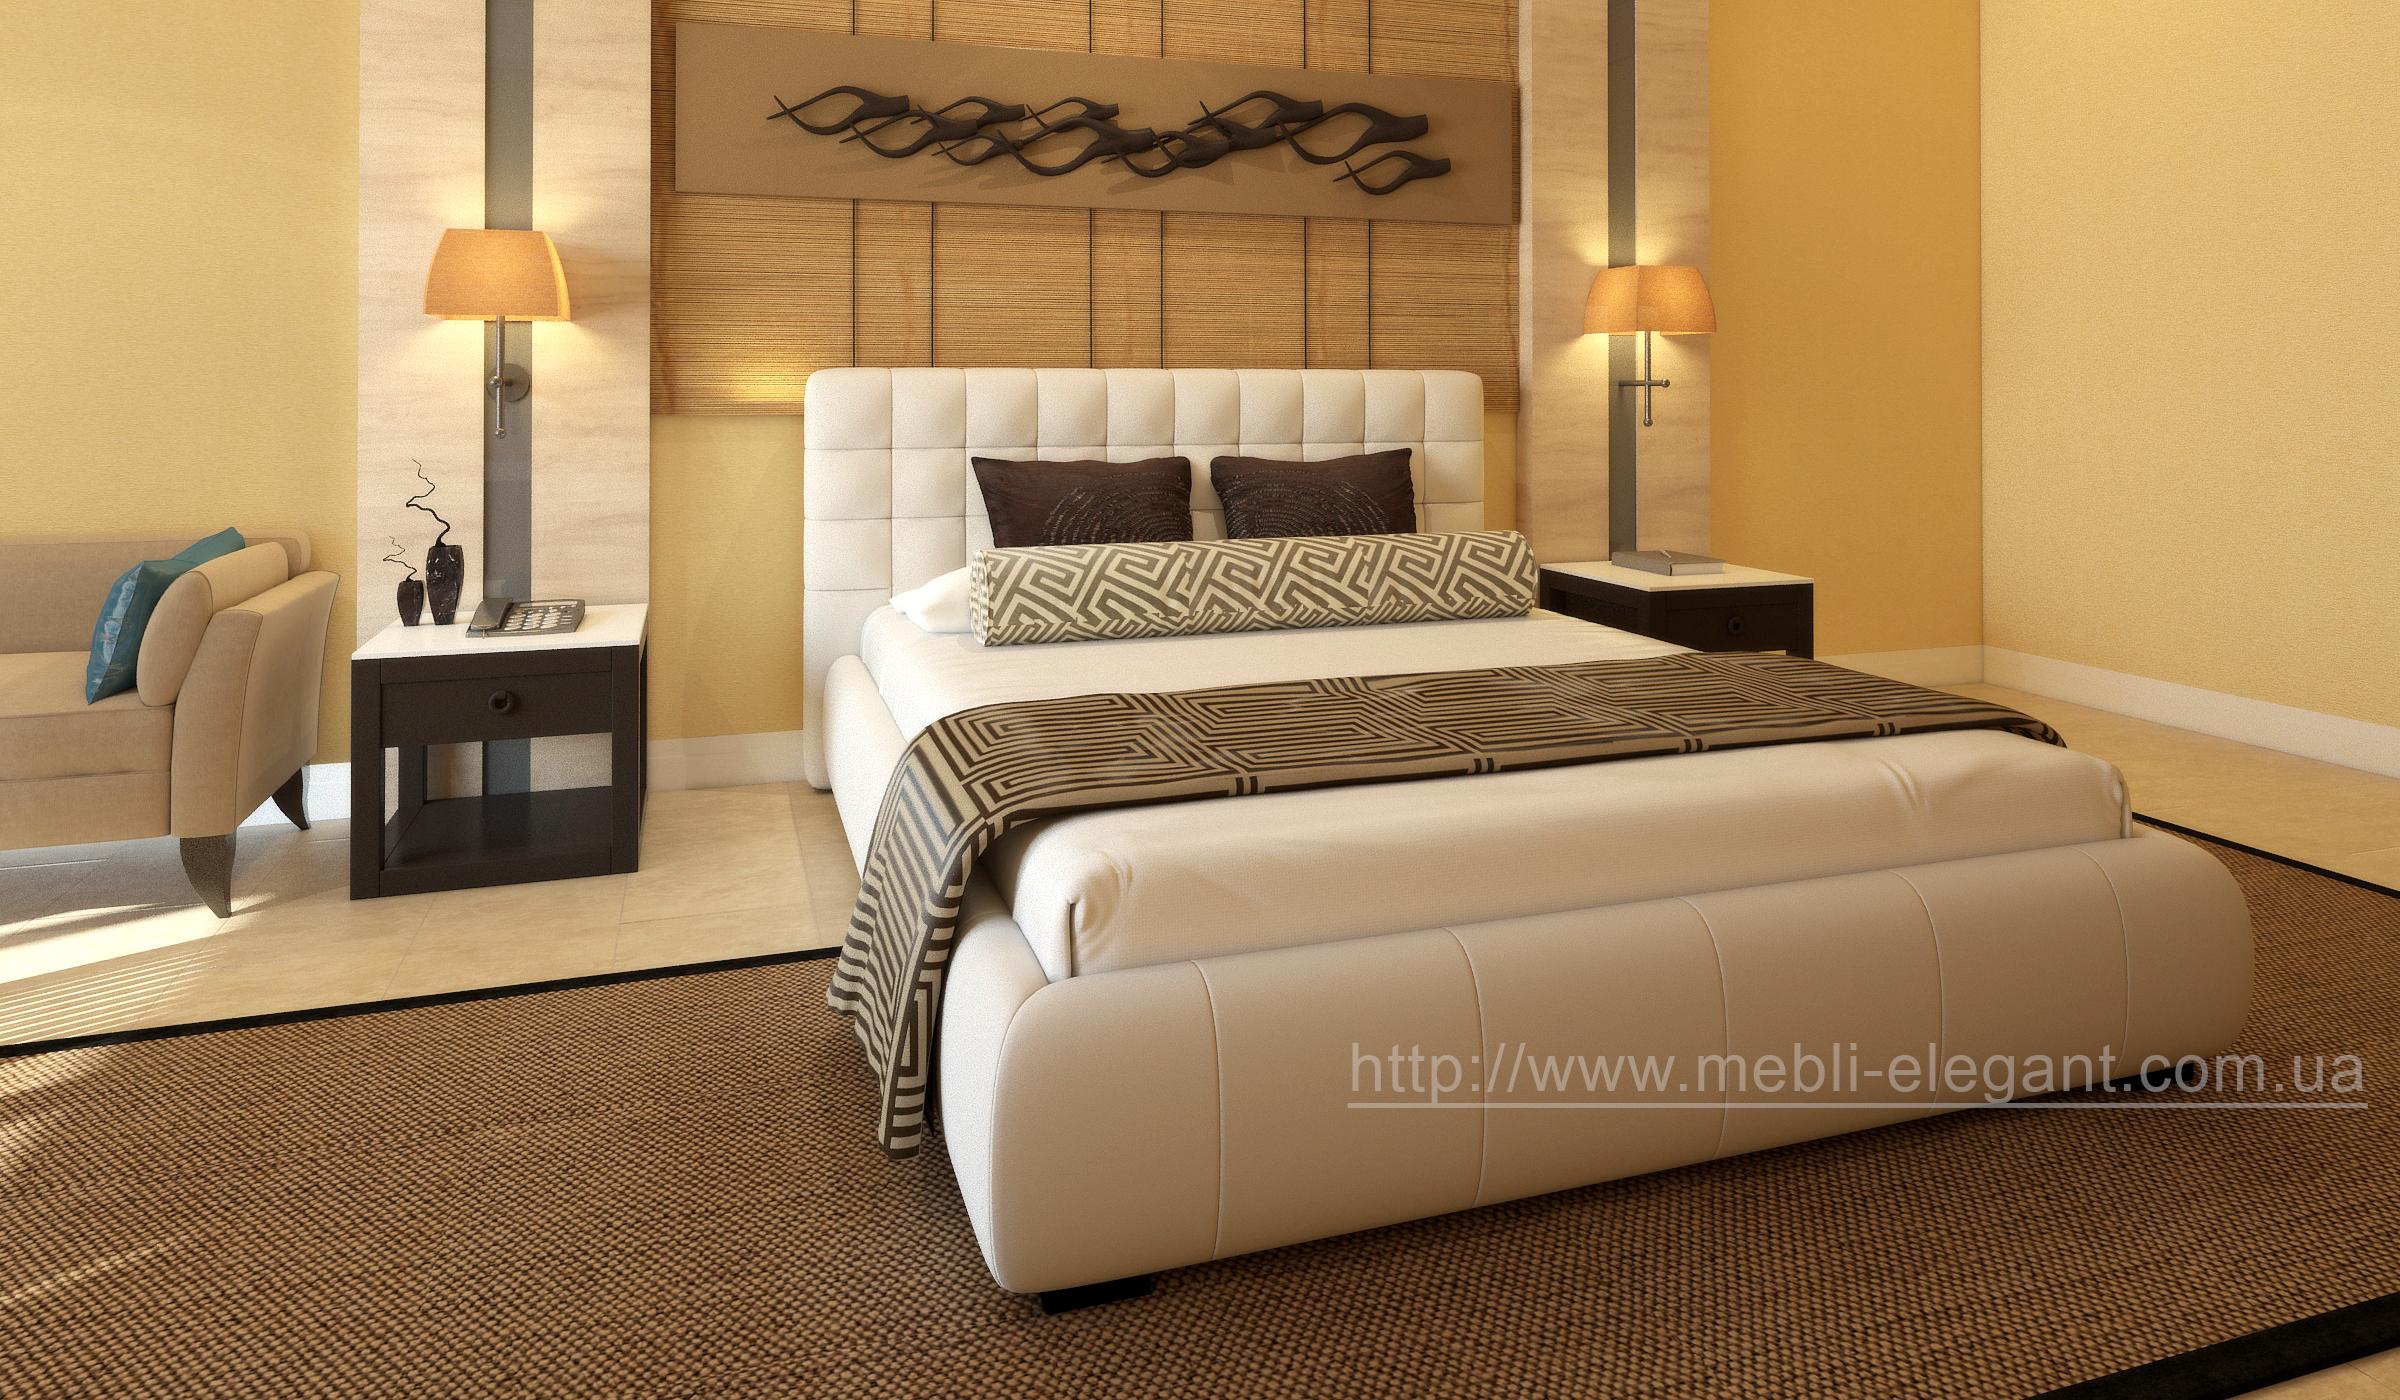 Dream_bed_interior_2 знак.jpg